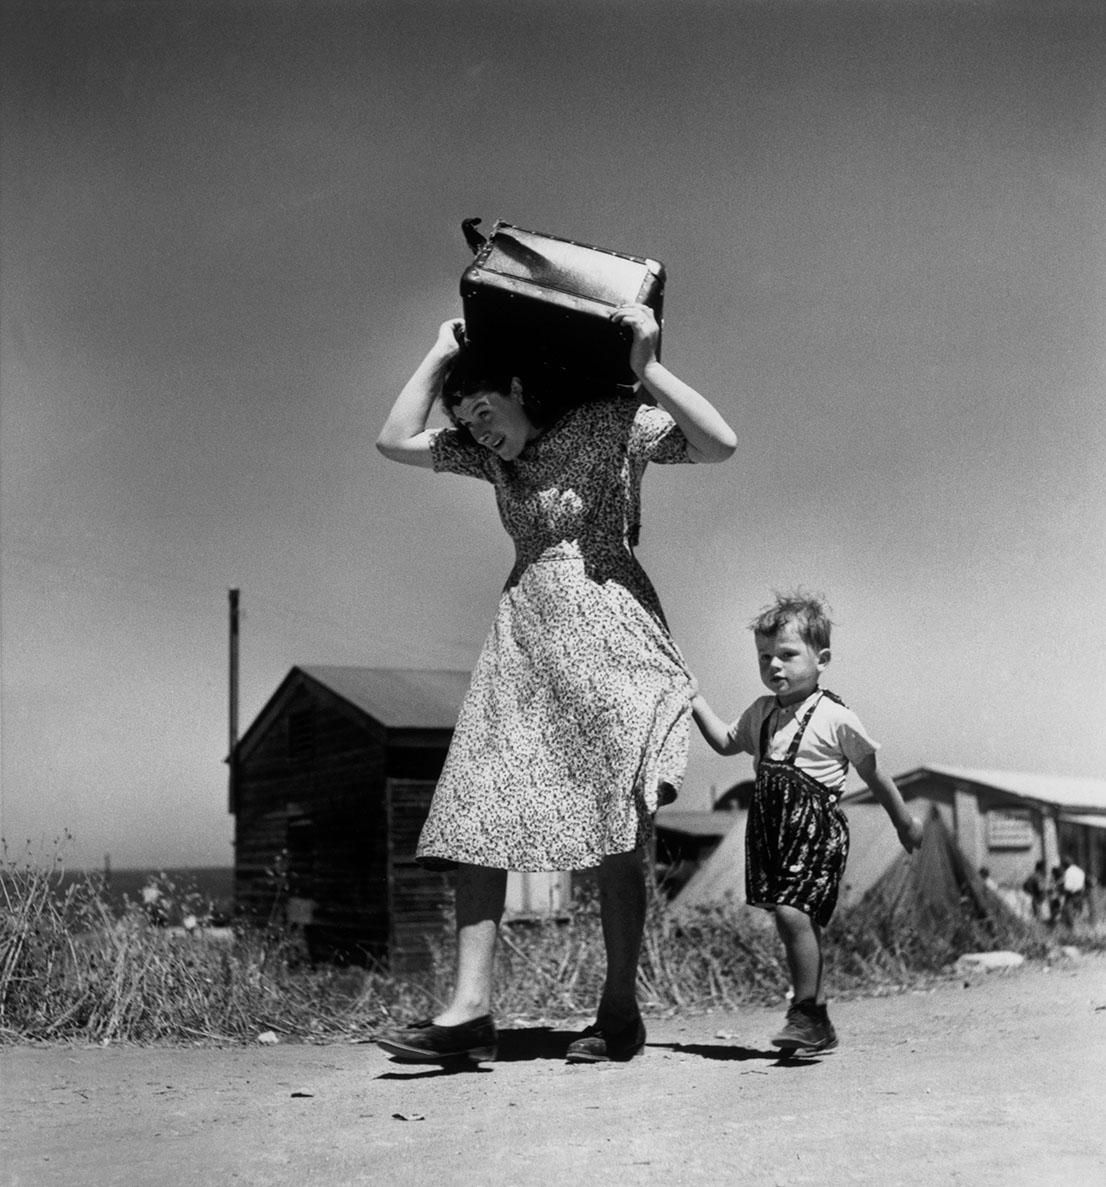 ISRAEL. Haifa. 1949-50. Foto di Robert Capa.